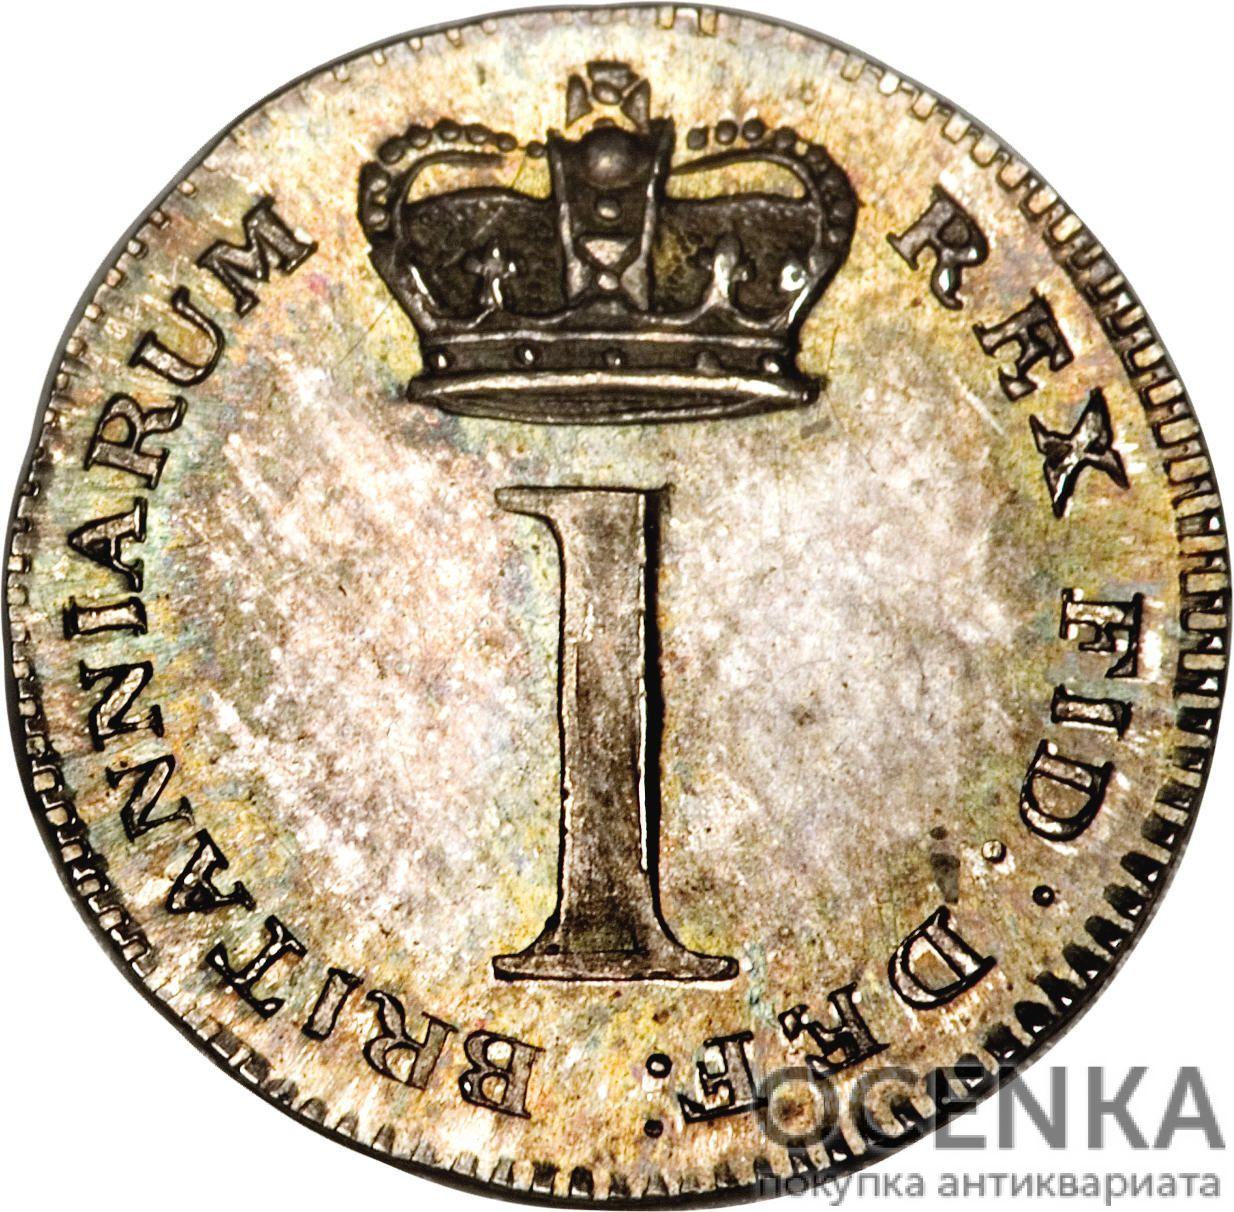 Серебряная монета 1 Пенни (1 Penny) Великобритания - 4